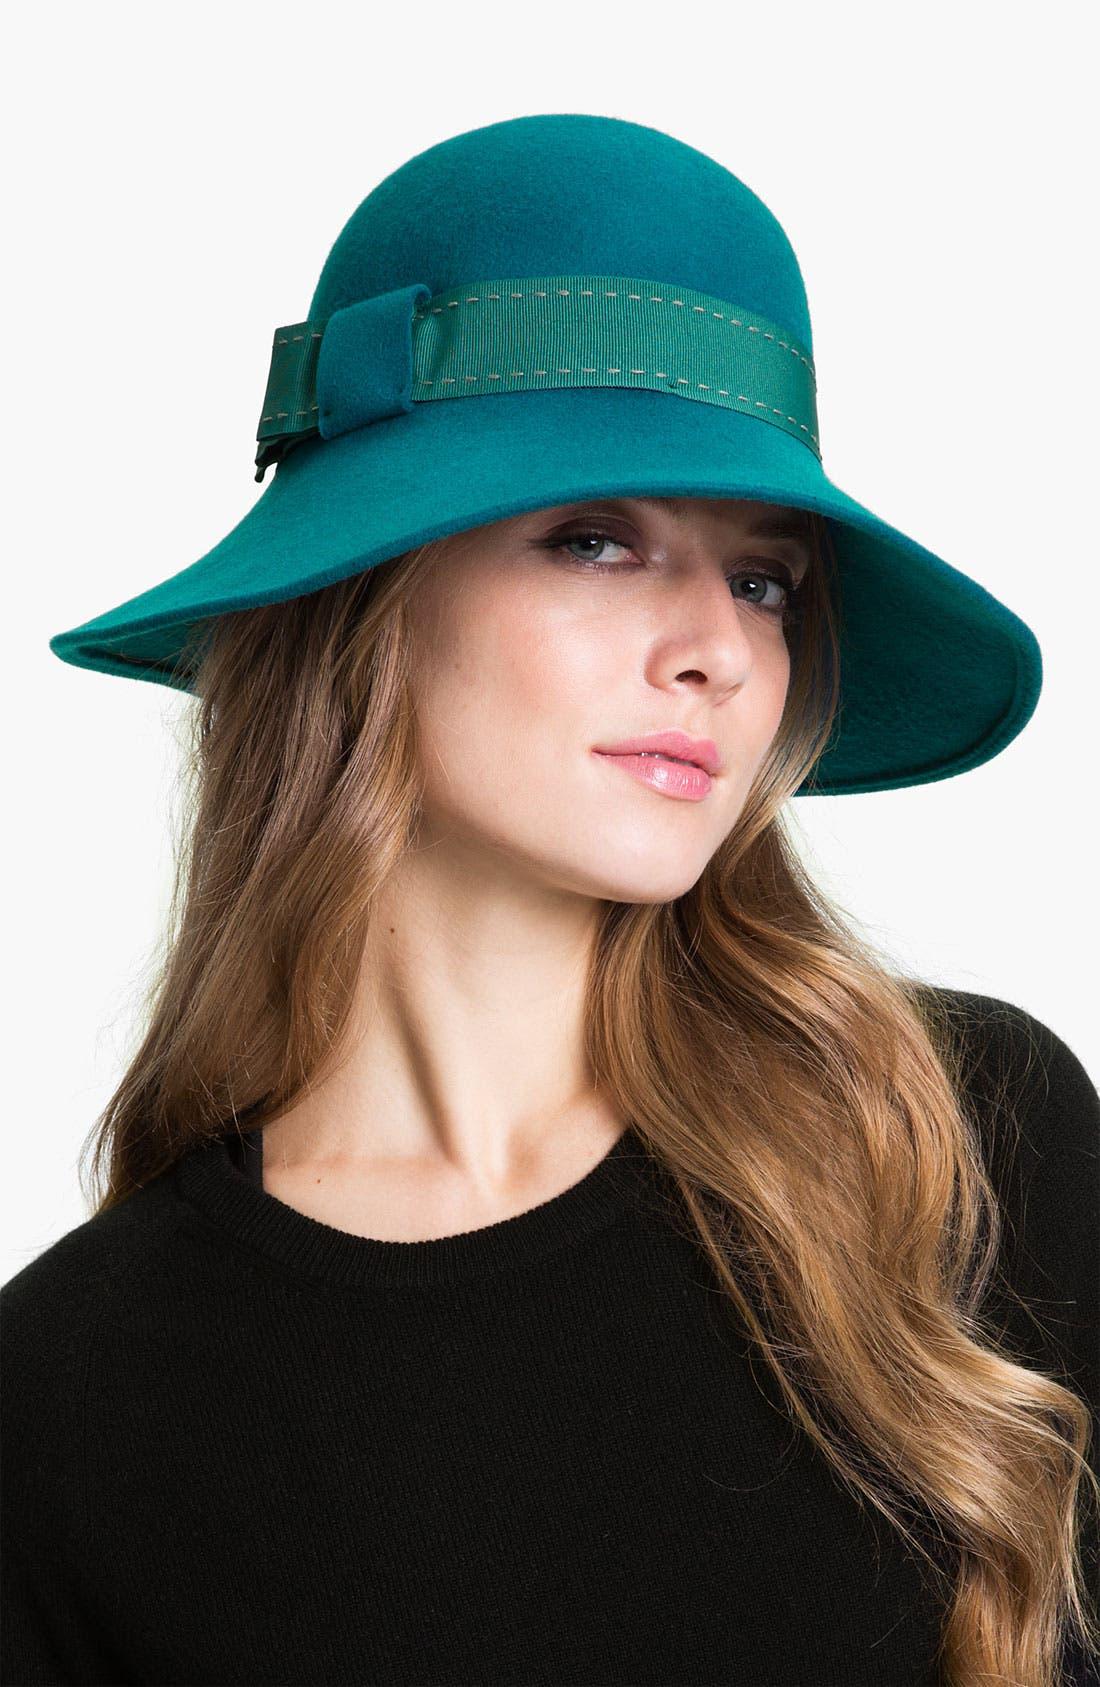 Alternate Image 1 Selected - Nordstrom Down Brim Wool Hat